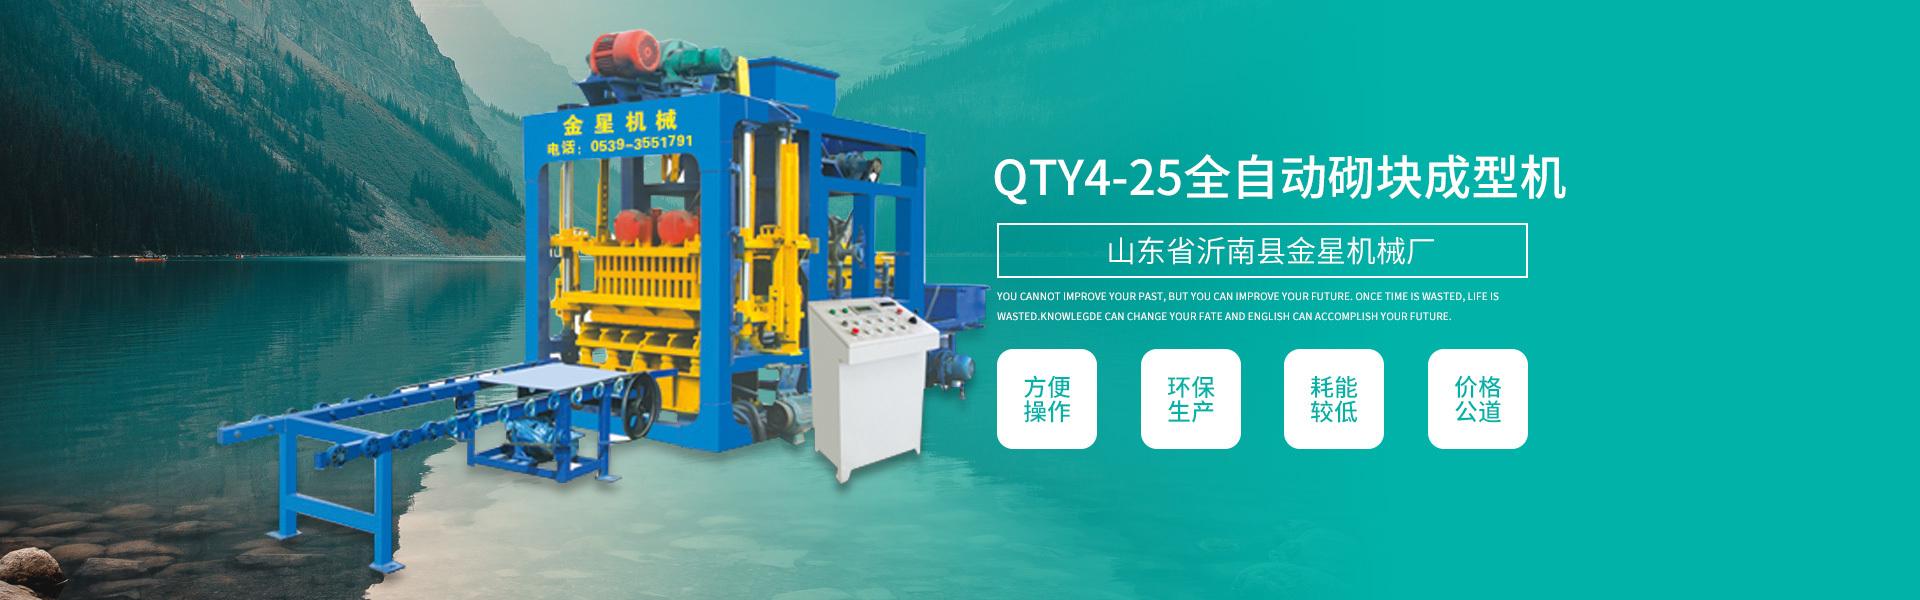 金星机械厂-专业生产各种型号的山东免烧砖机,液压砖机,砌块成型机,全自动透水砖机设备